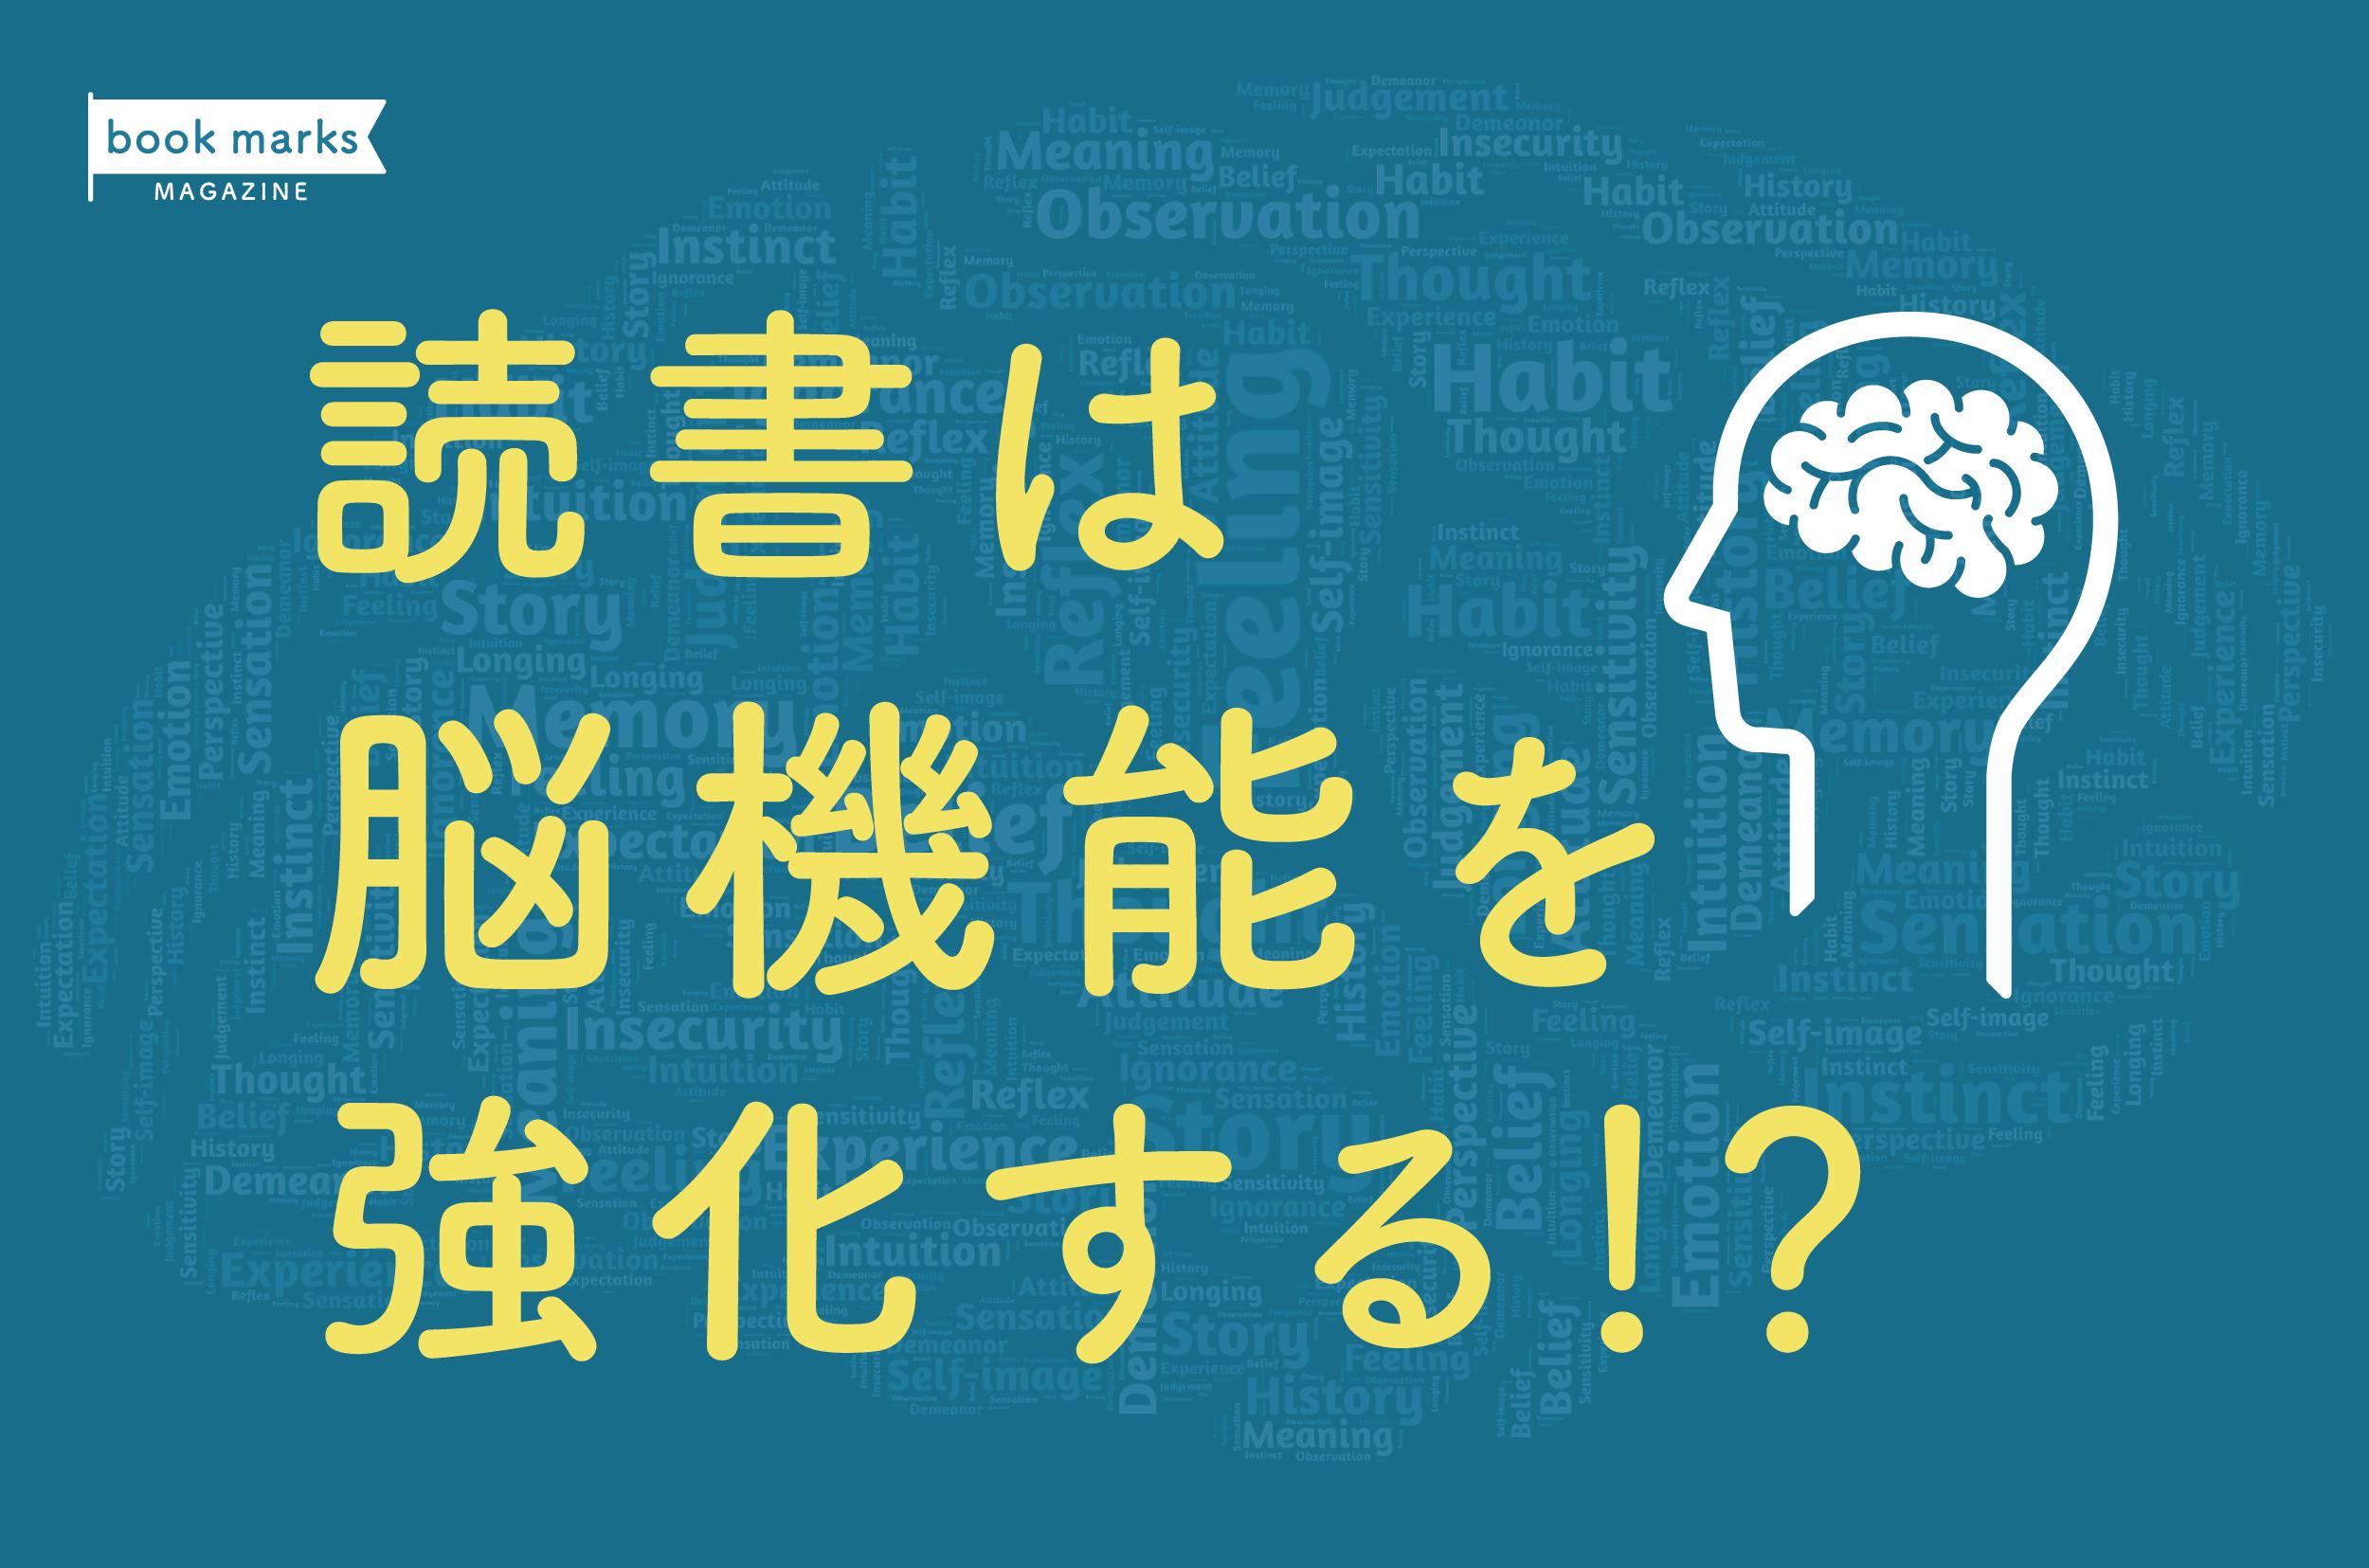 「読書は脳機能を強化する!?」のアイキャッチ画像